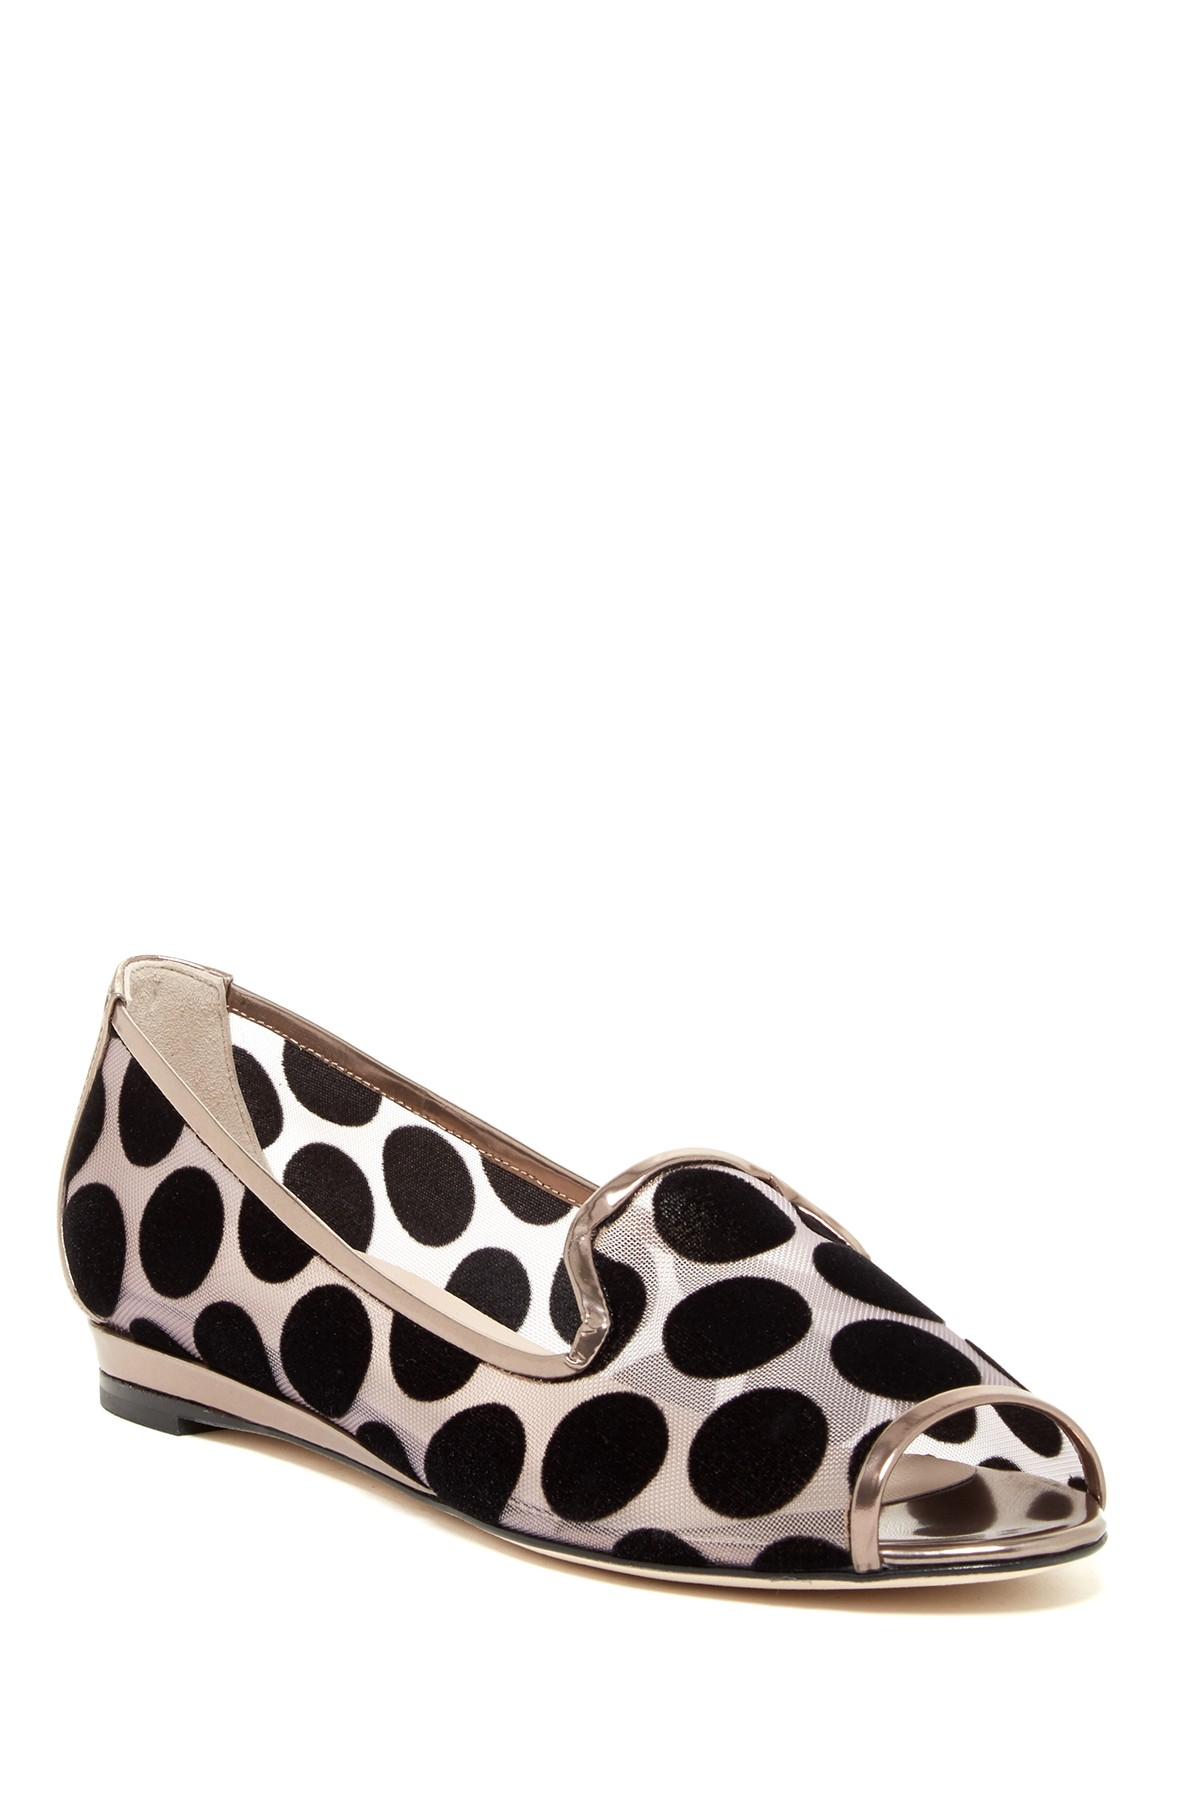 Fendi Mesh Flat Shoes